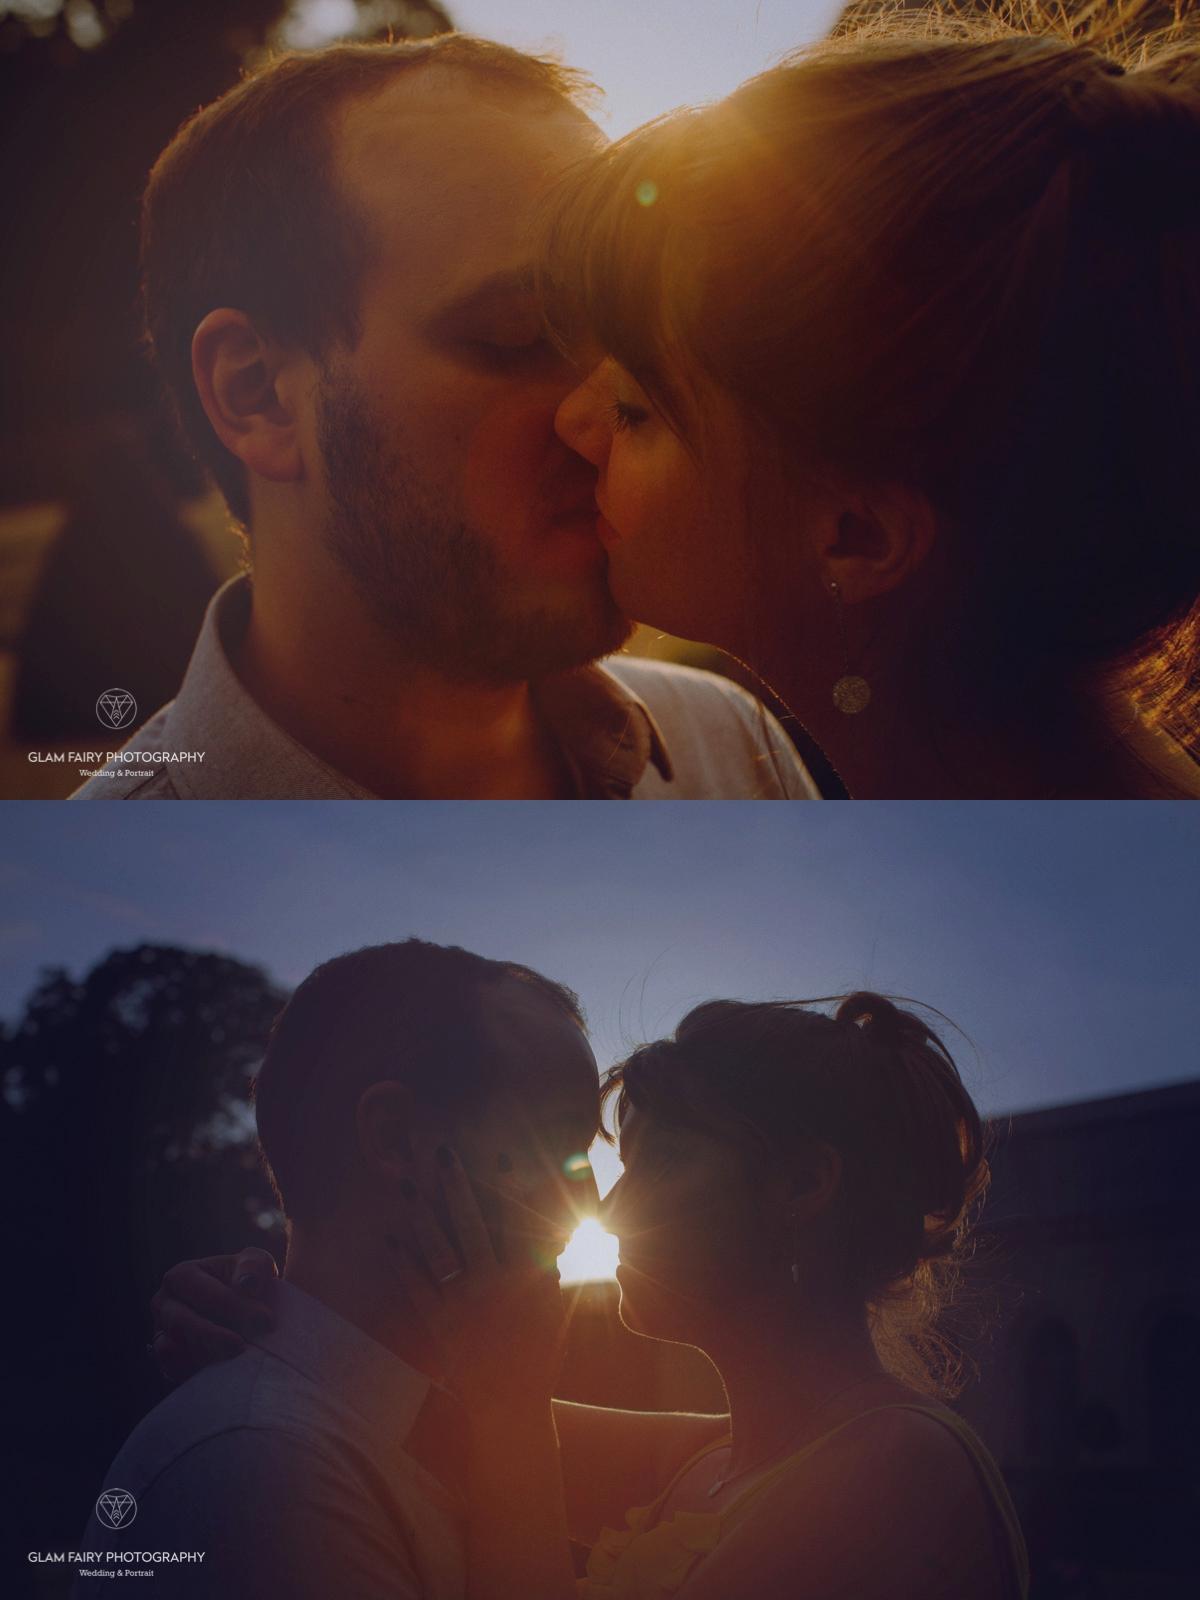 glamfairyphotography-seance-photo-couple-parc-de-sceaux-ophelie_0030